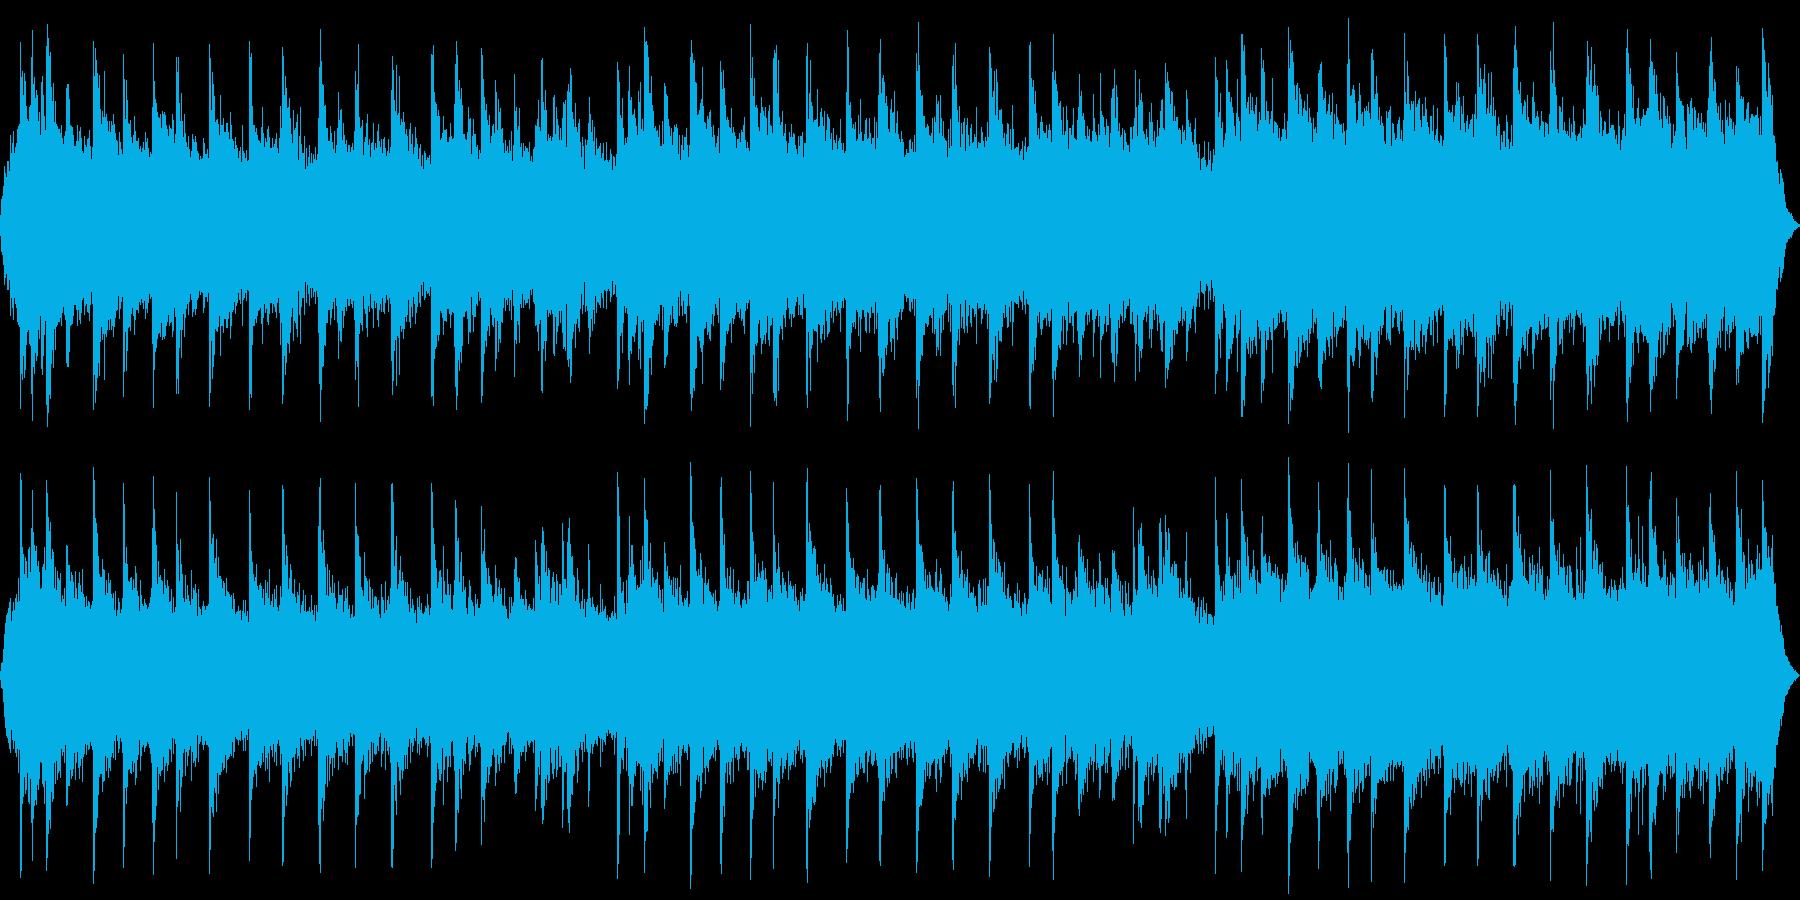 ホラー系の奇怪な背景 暗いアンビエントの再生済みの波形